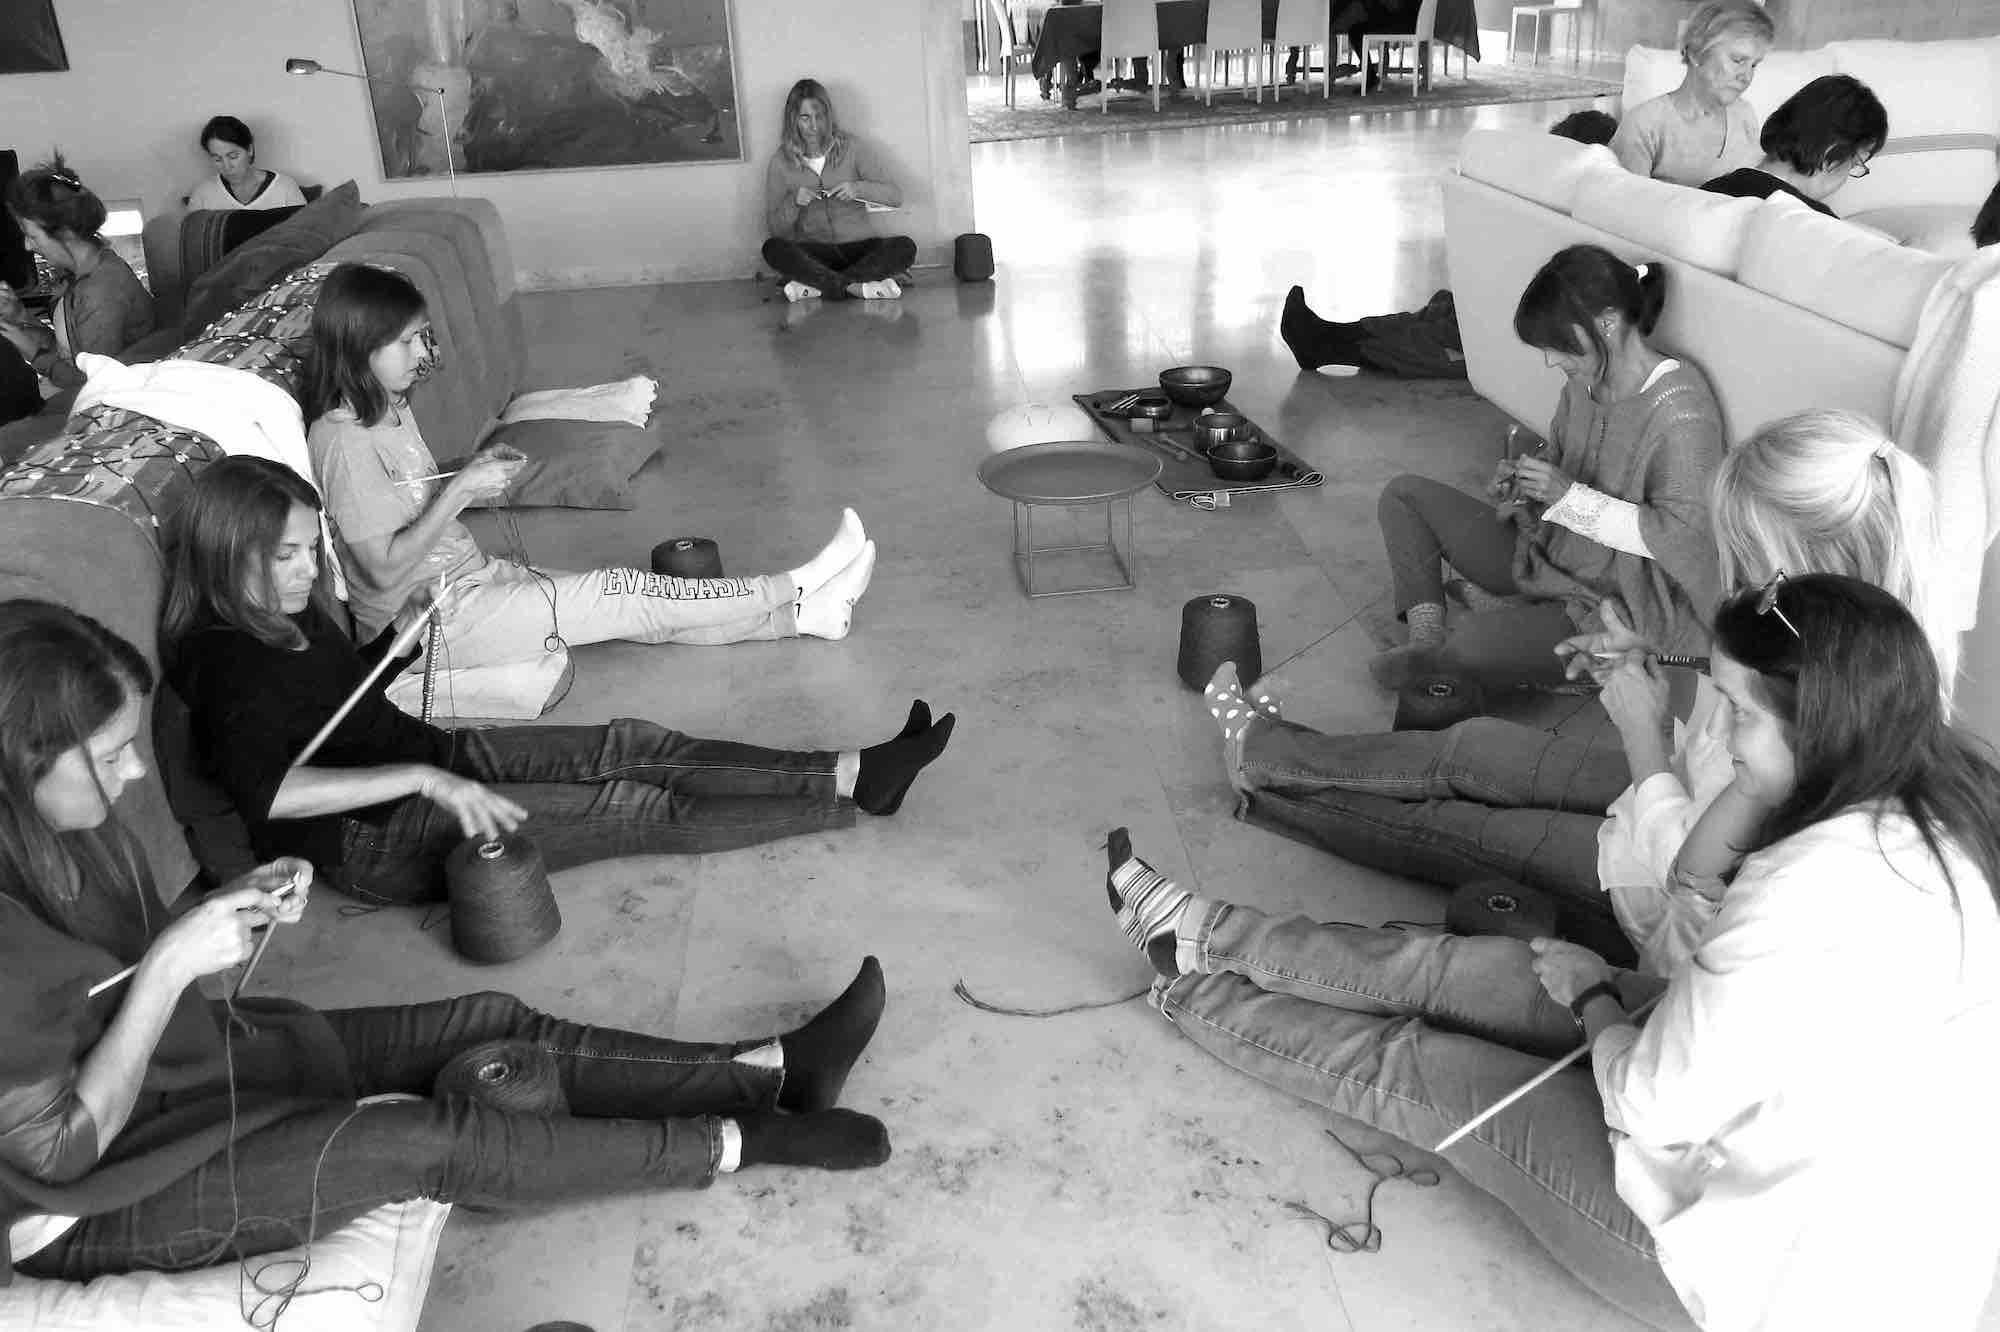 Tejedoras del grupo de Beccar, Argentina